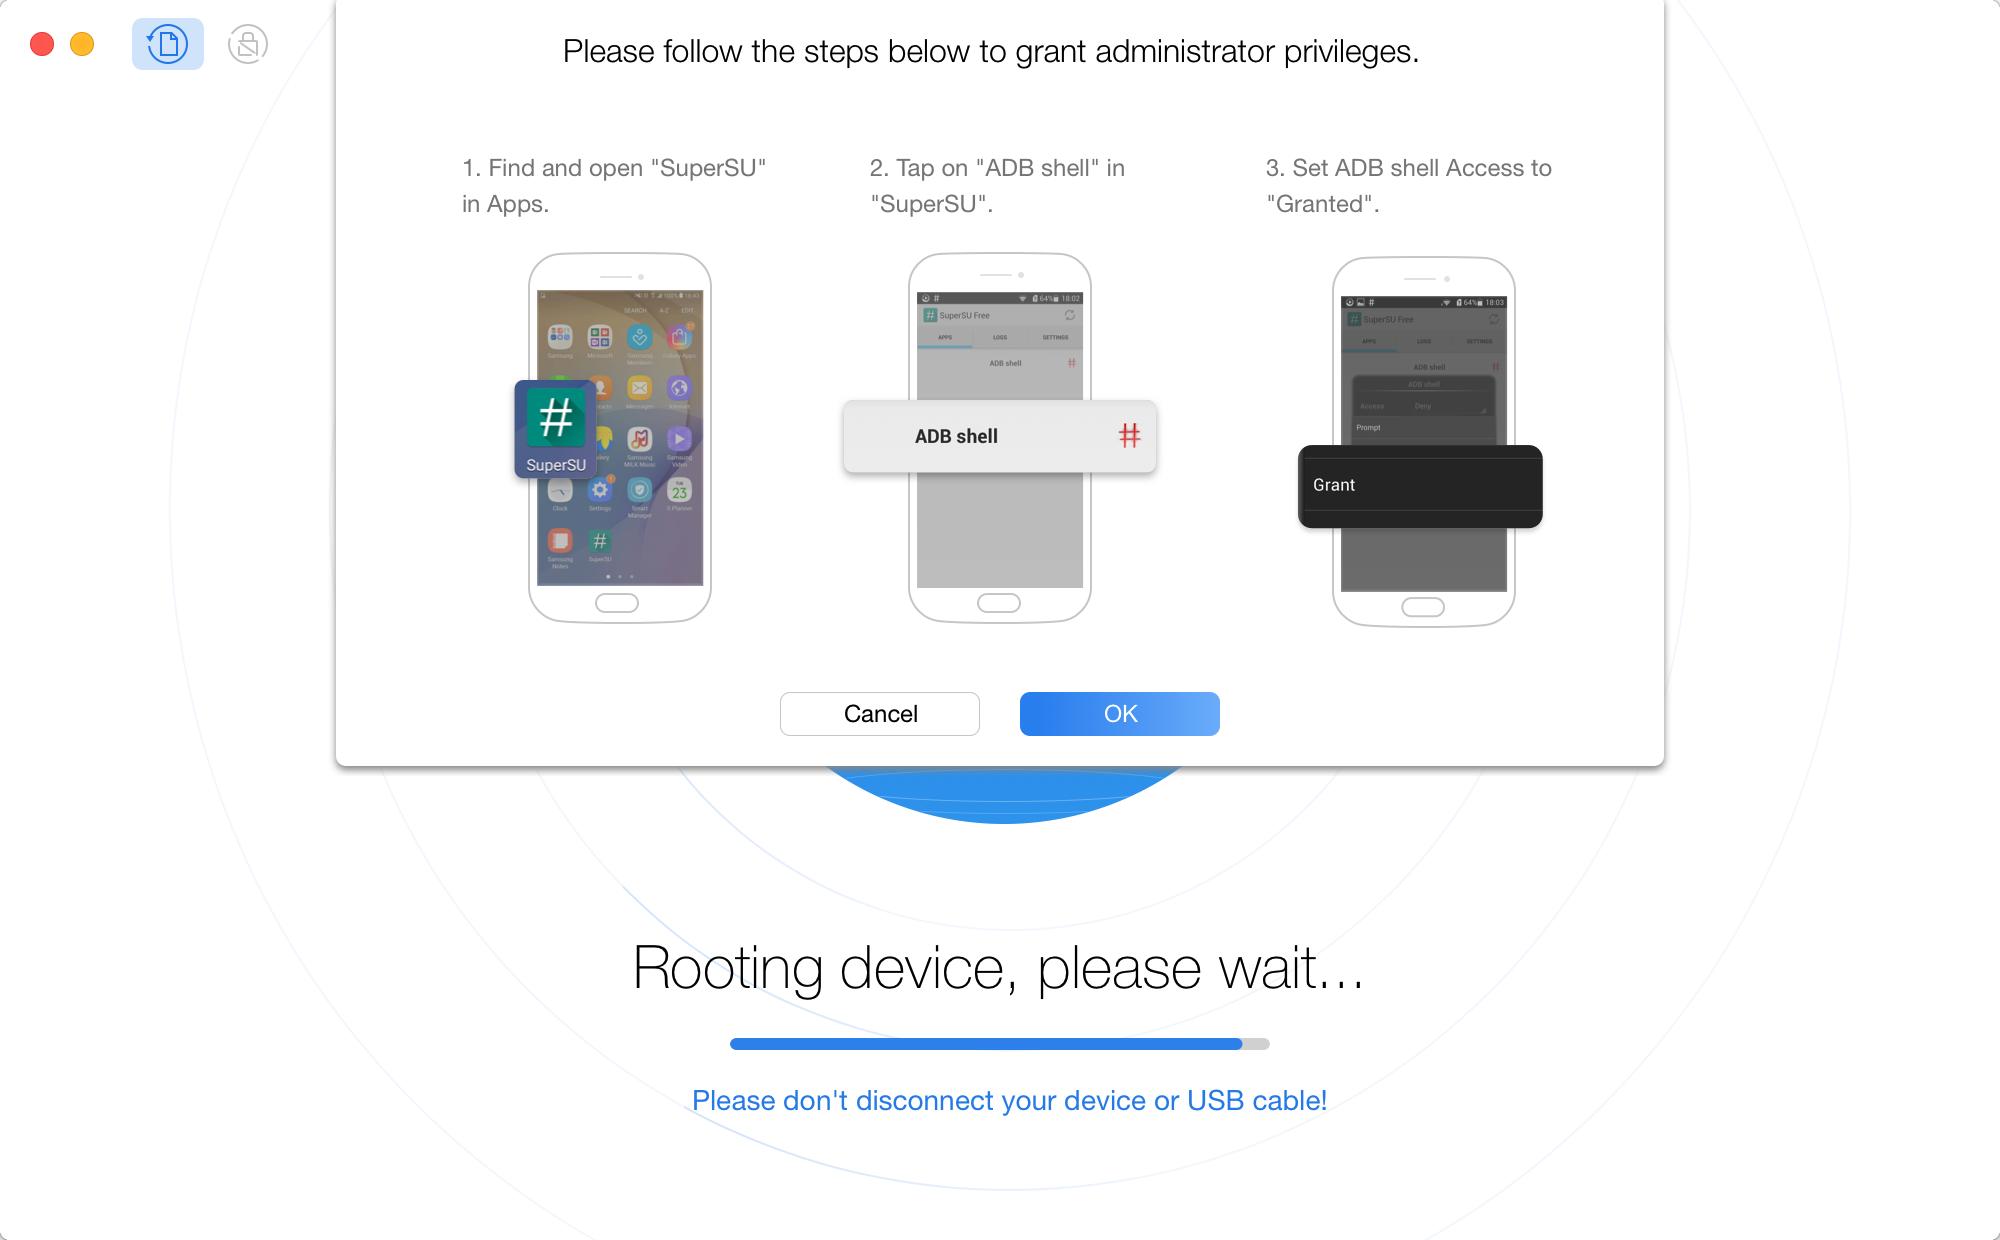 Acquire the permission of Super Administrator User